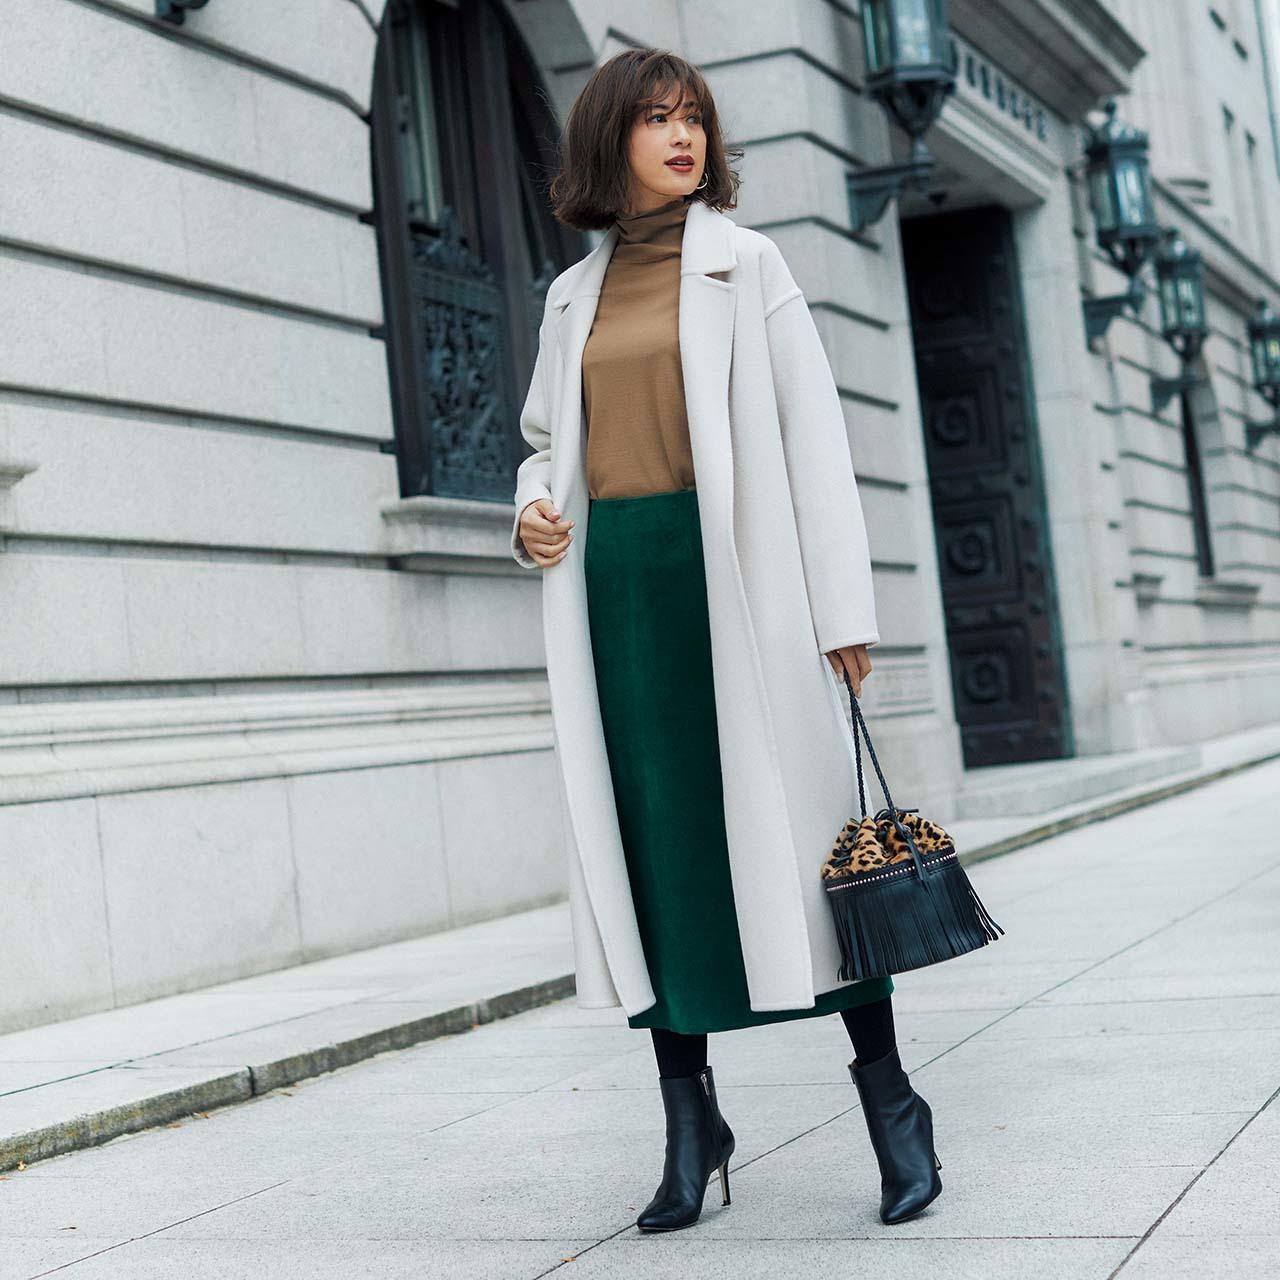 コート×ニット×スカートコーデを着たモデルの高垣麗子さん